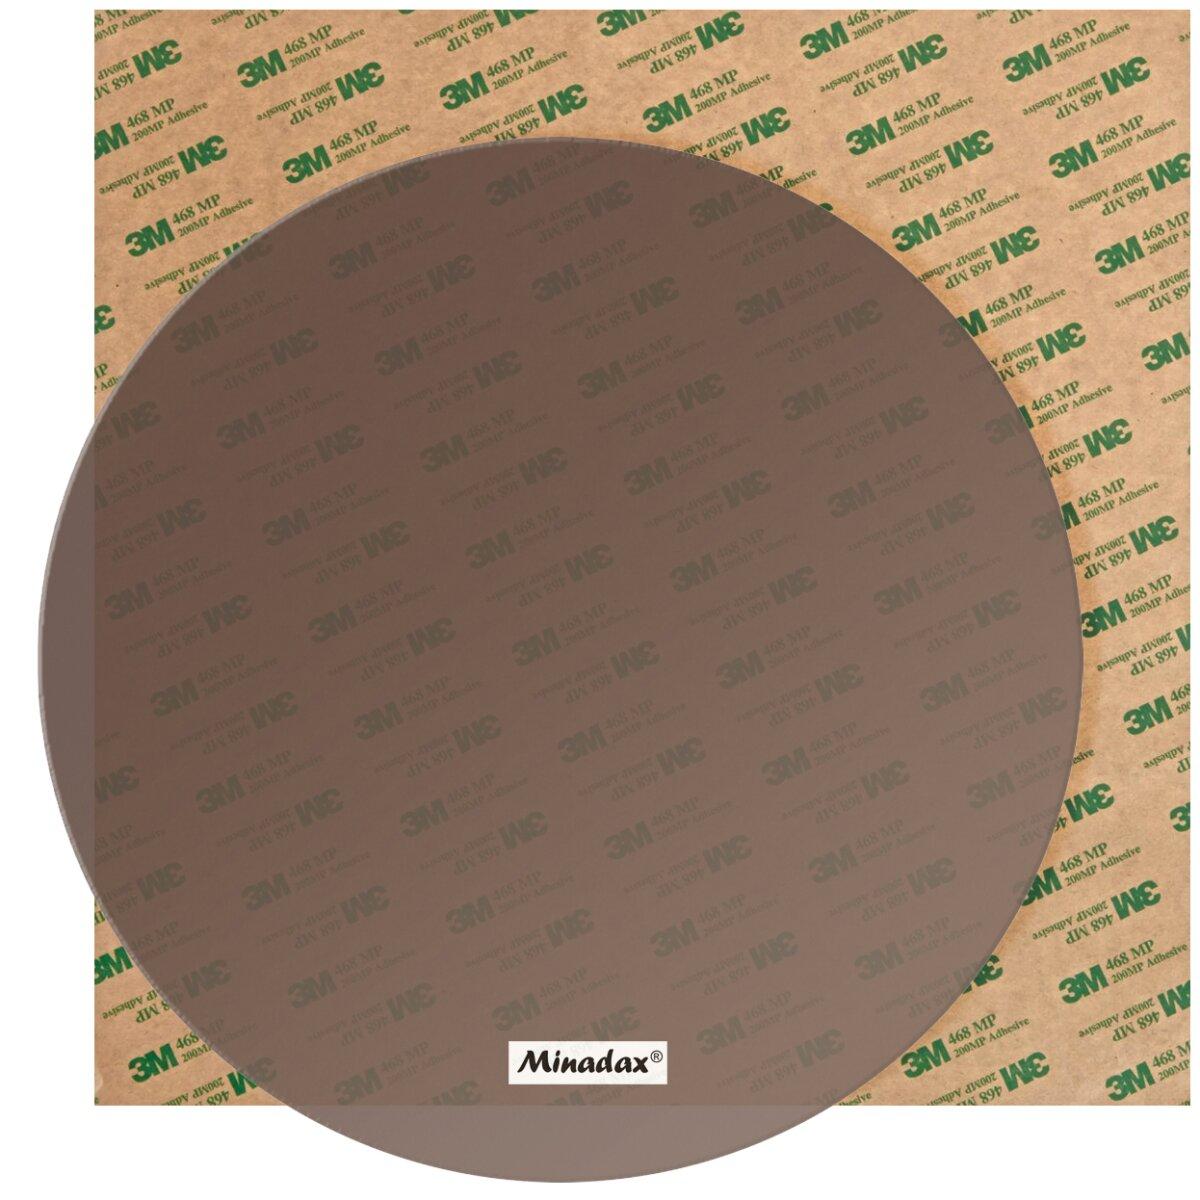 Minadax PEI 3D Druck Oberfläche Natur Rund Ø 203mm inkl. 3M 468MP Transferfolie